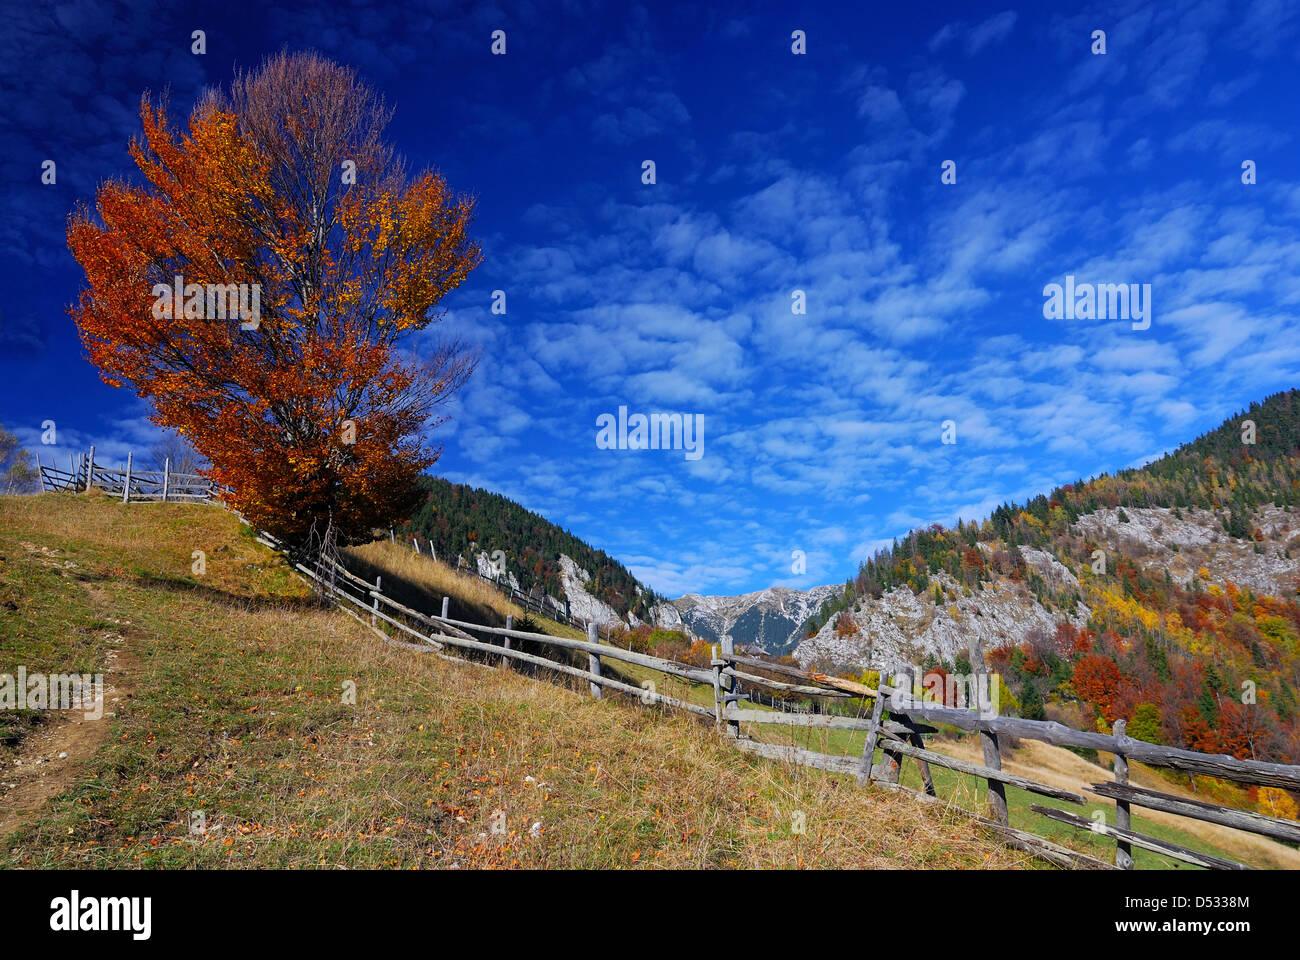 Décor de l'automne dans les montagnes des Carpates, du paysage rural de Magura village à Brasov comté. Photo Stock